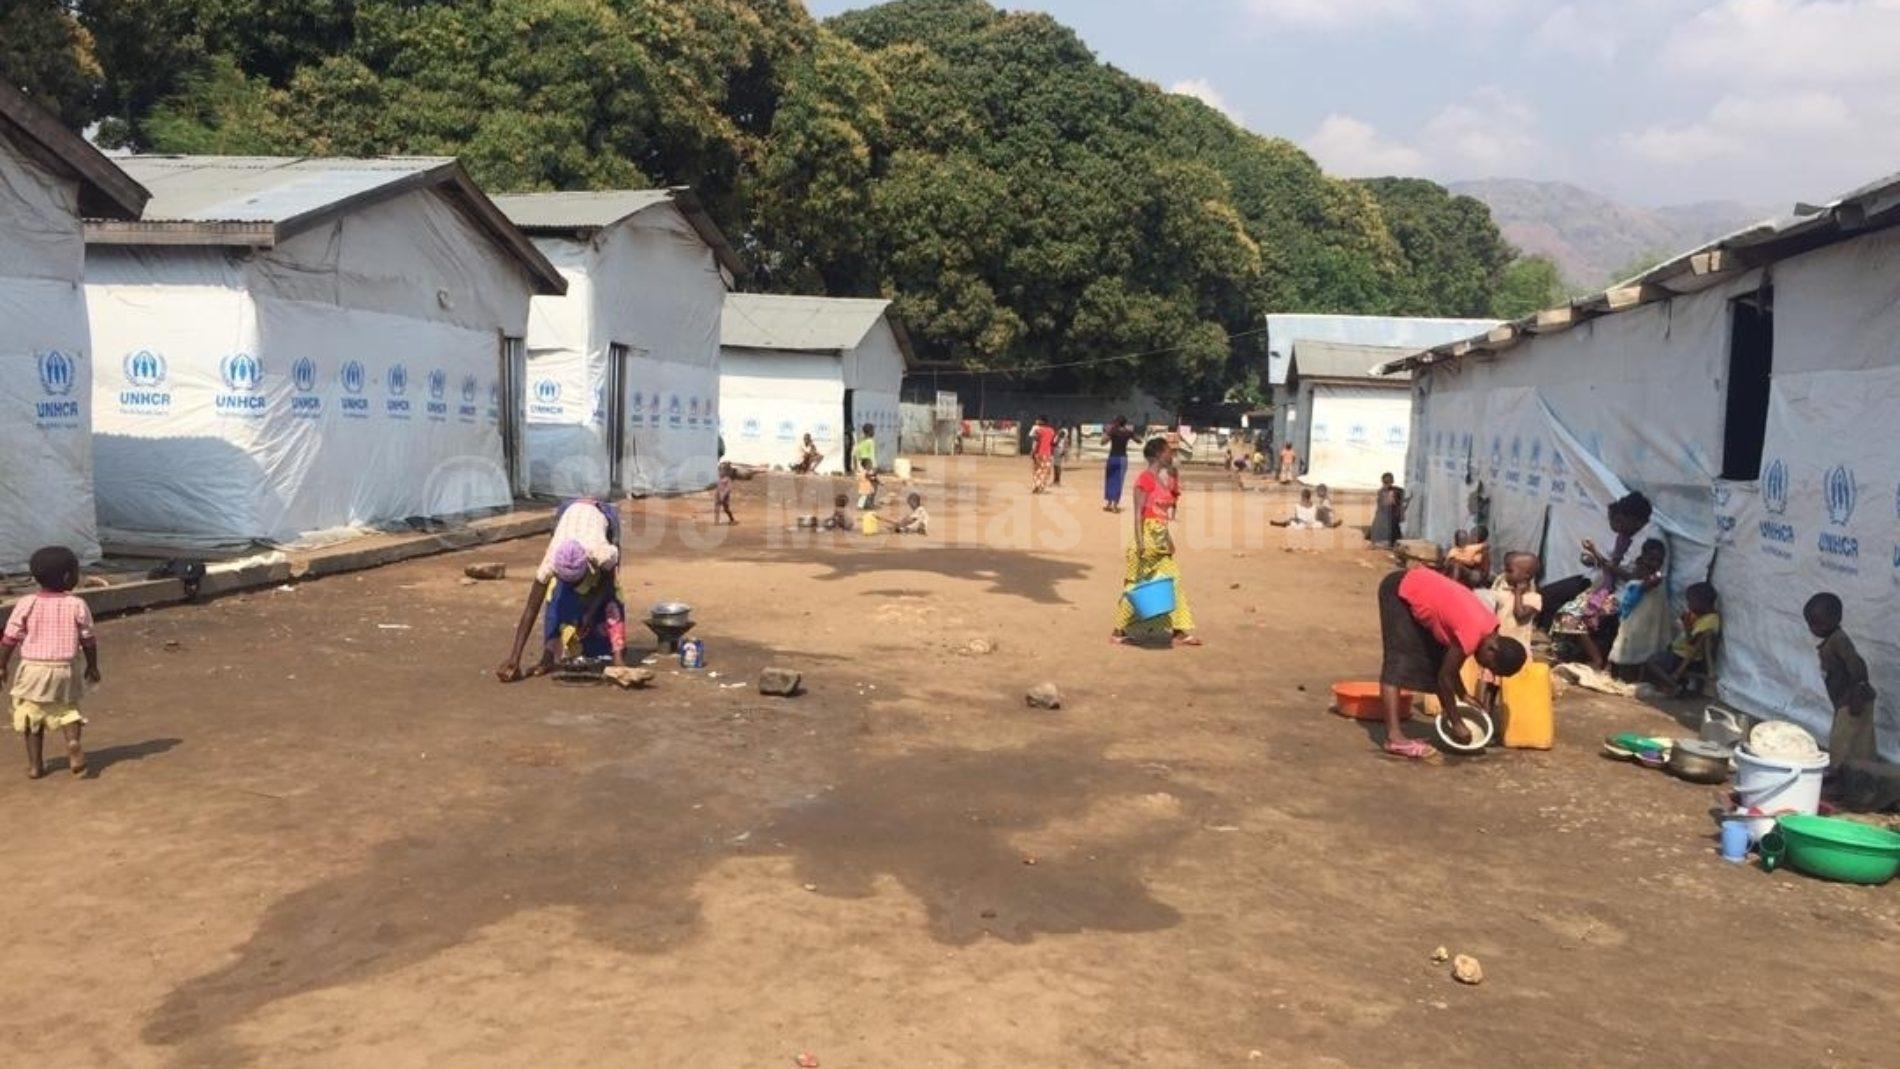 Le président tanzanien appelle les réfugiés burundais à rentrer